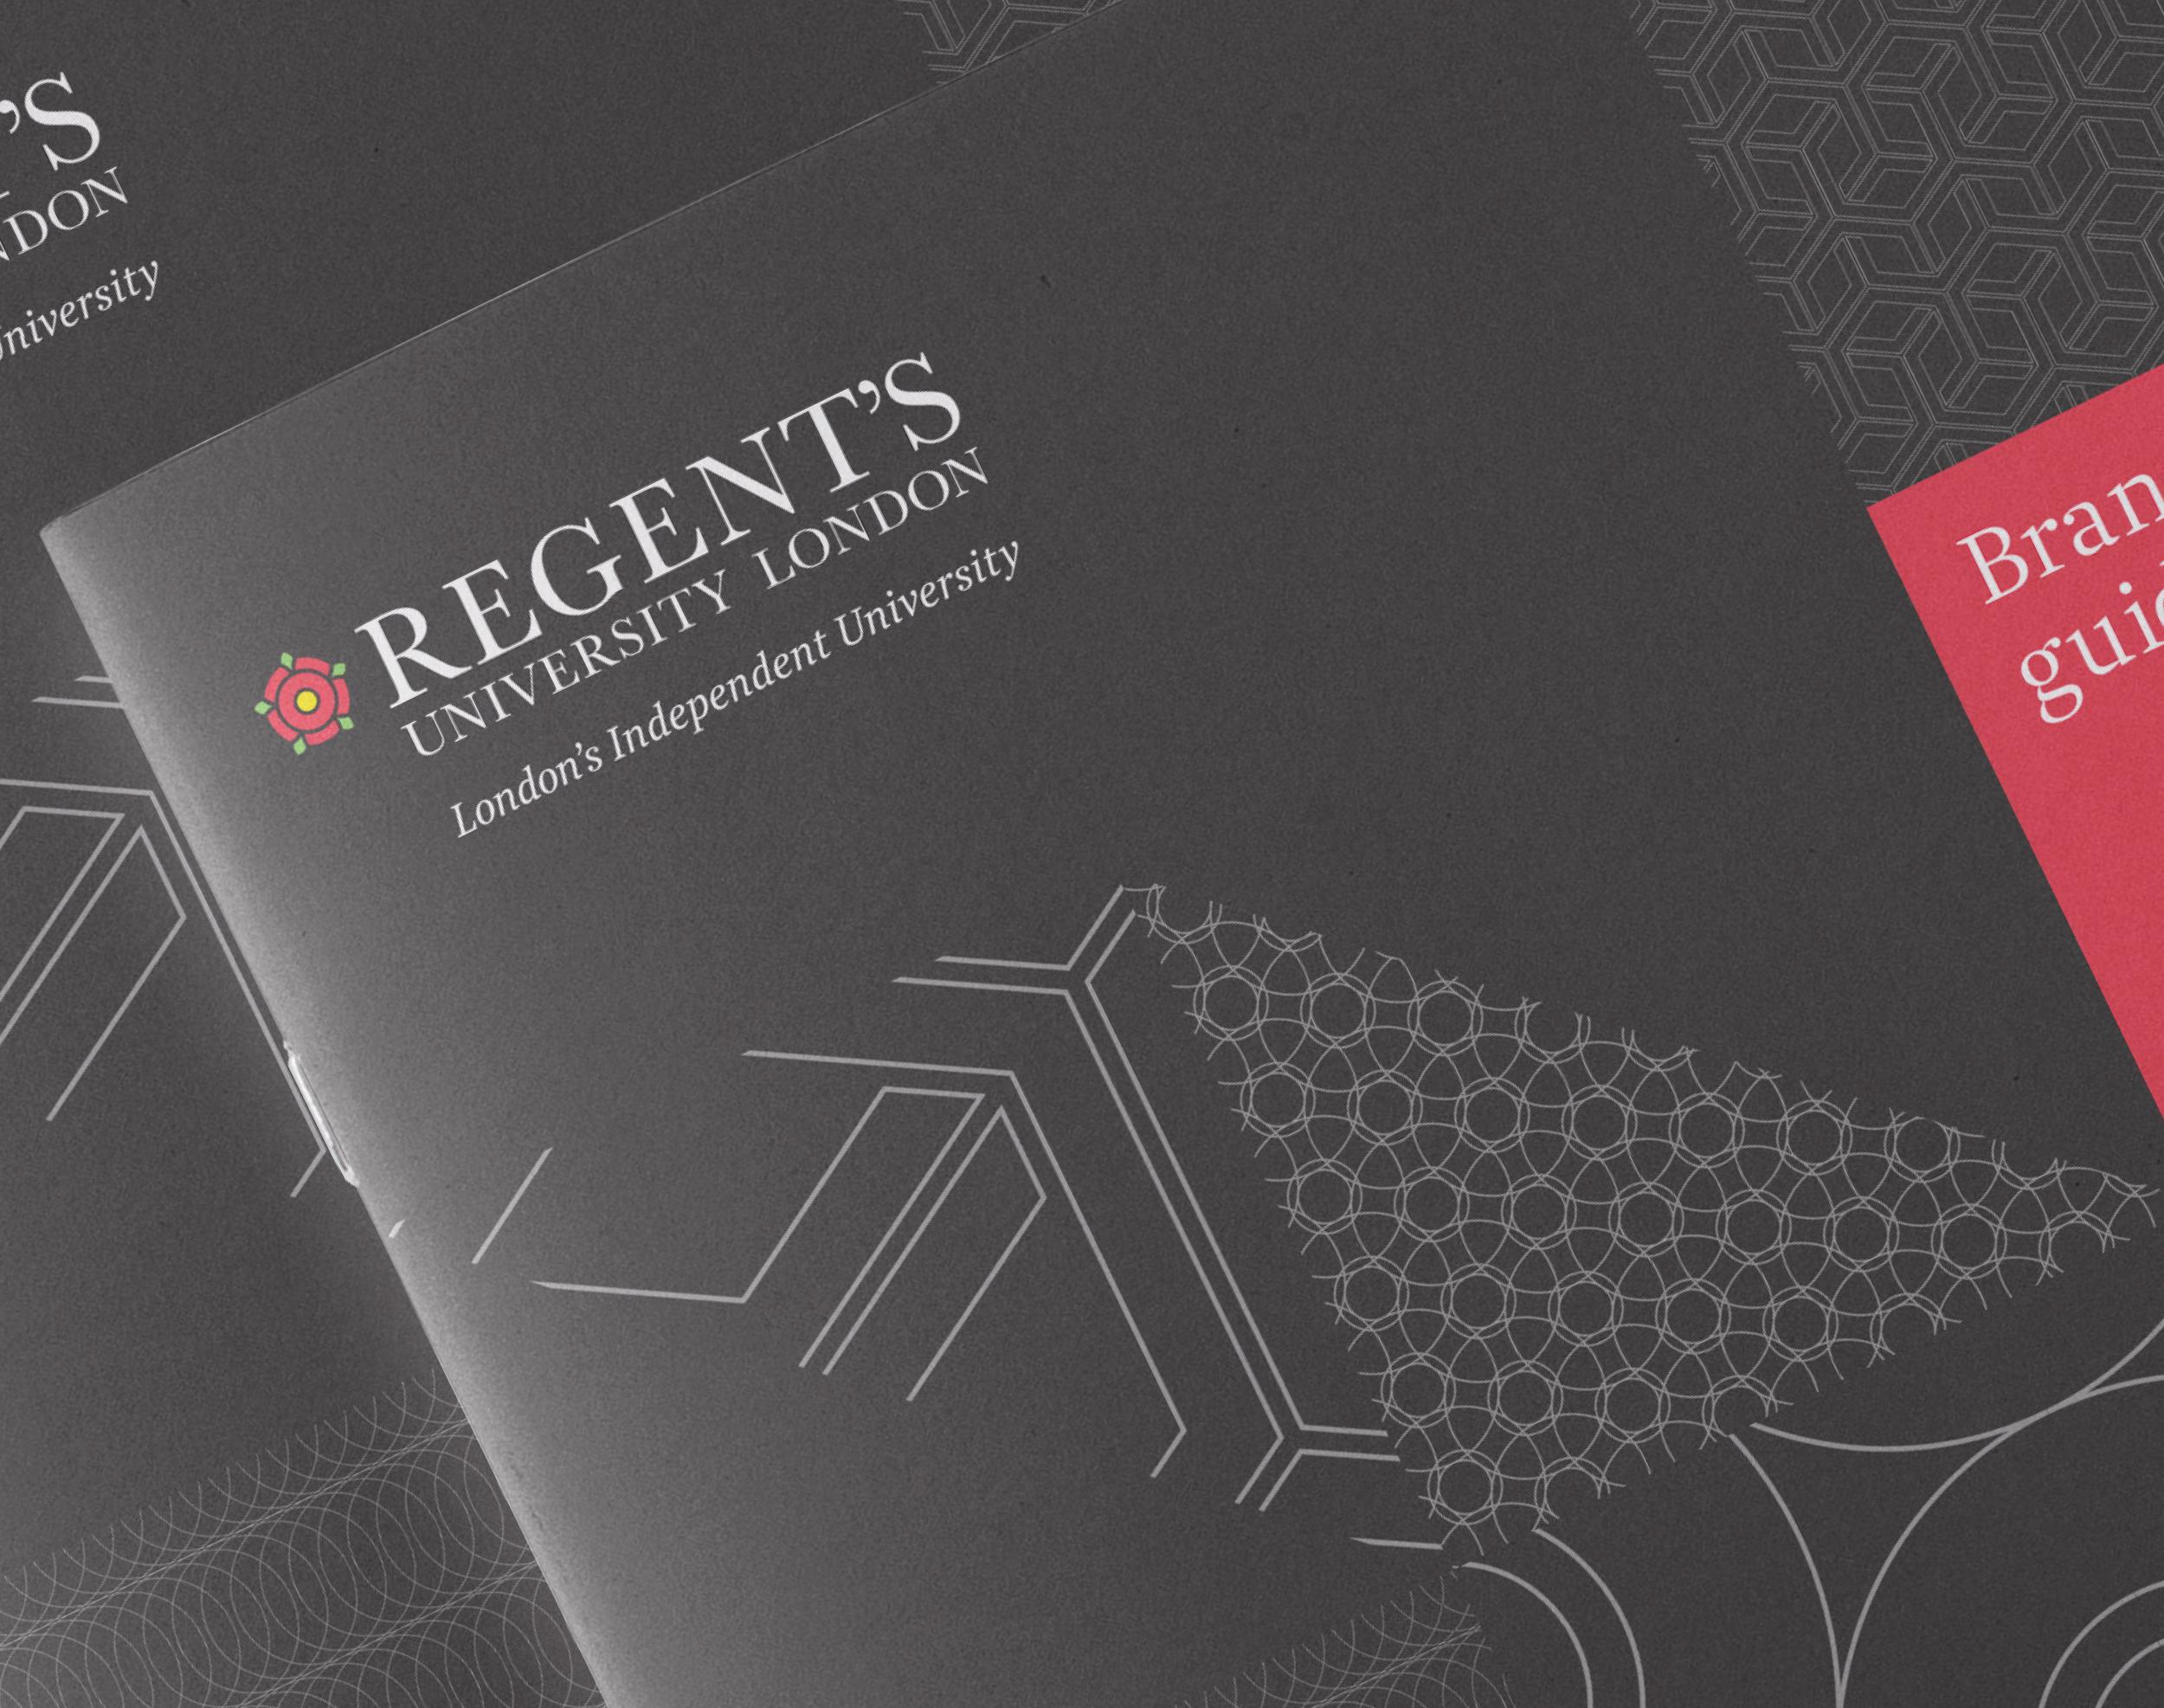 Visual Identity Refresh - Regents University London